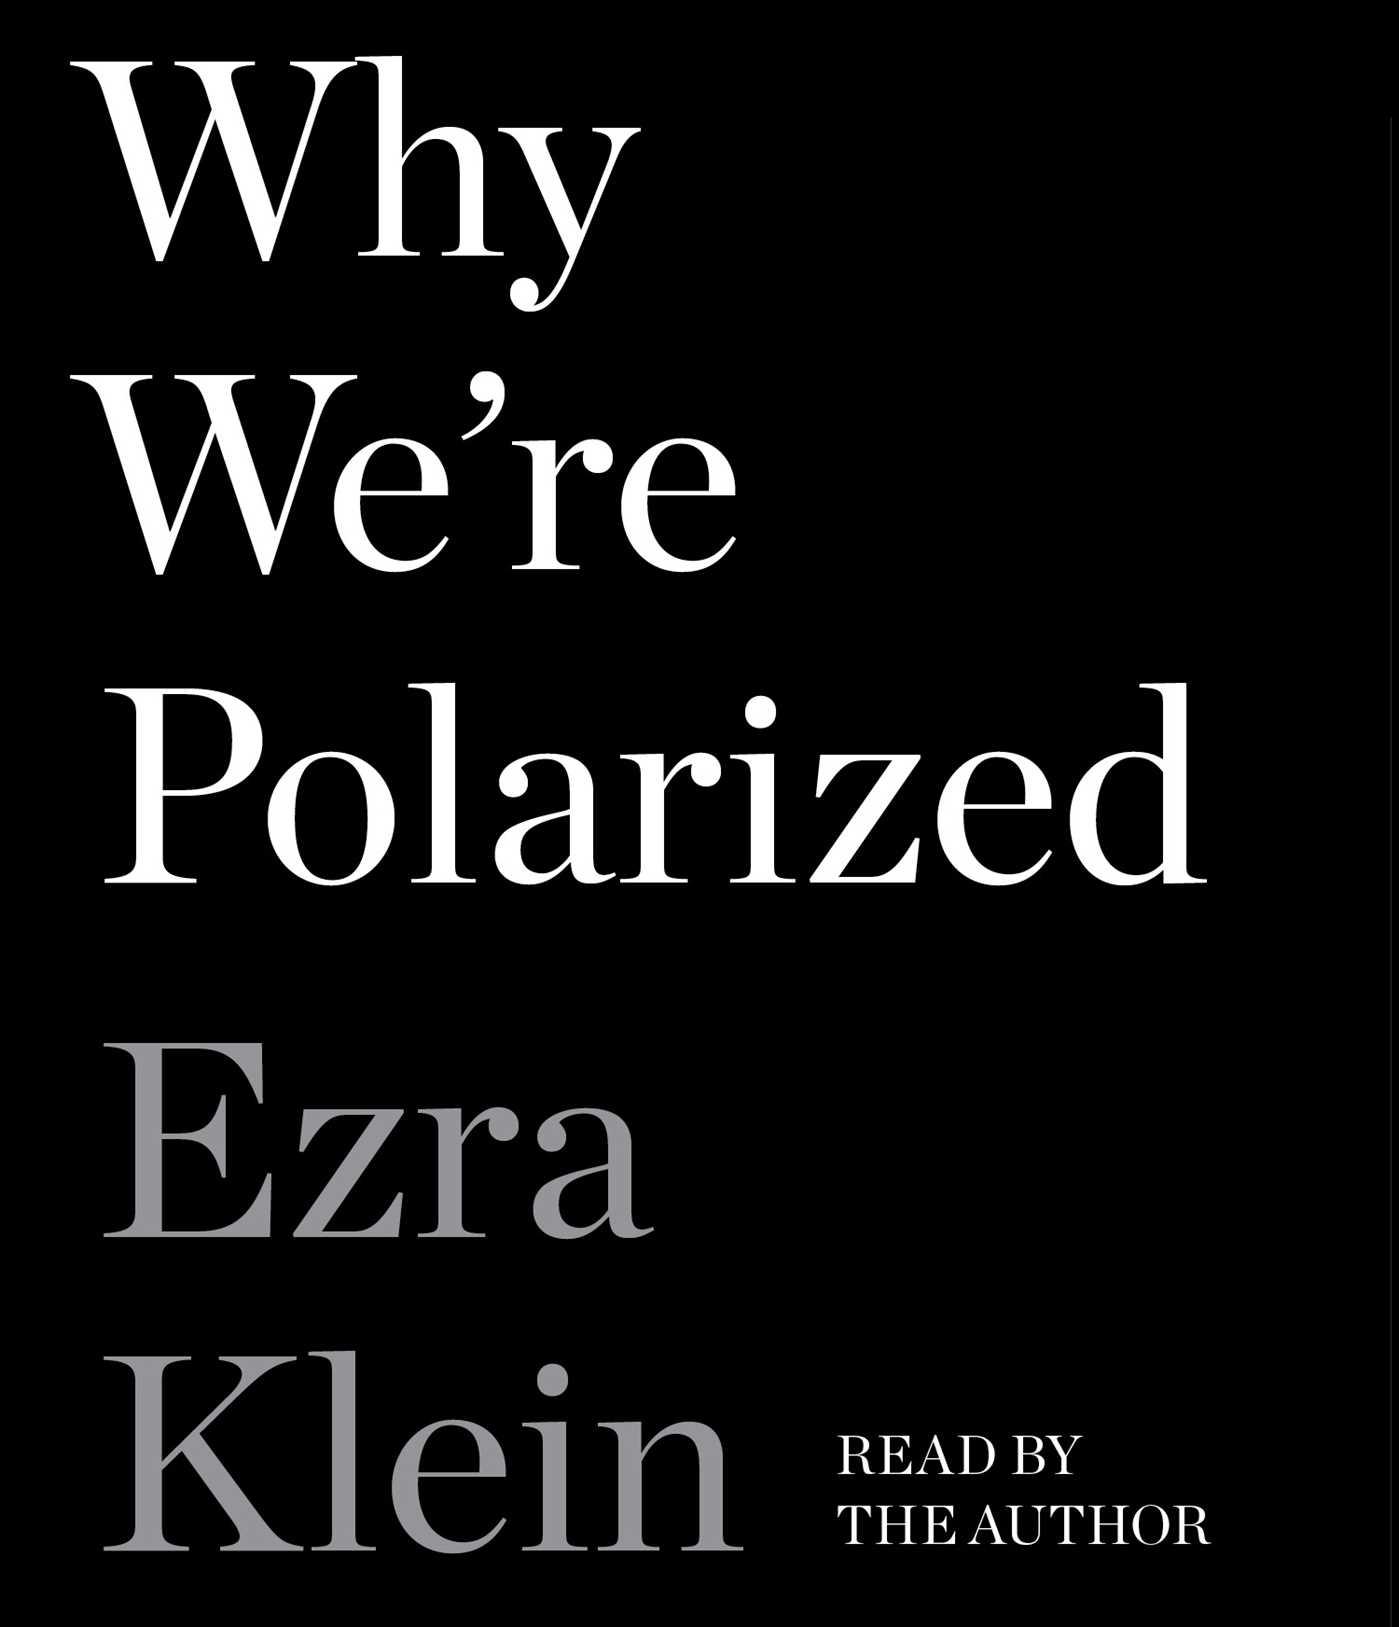 Why We're Polarized - Ezra Klein